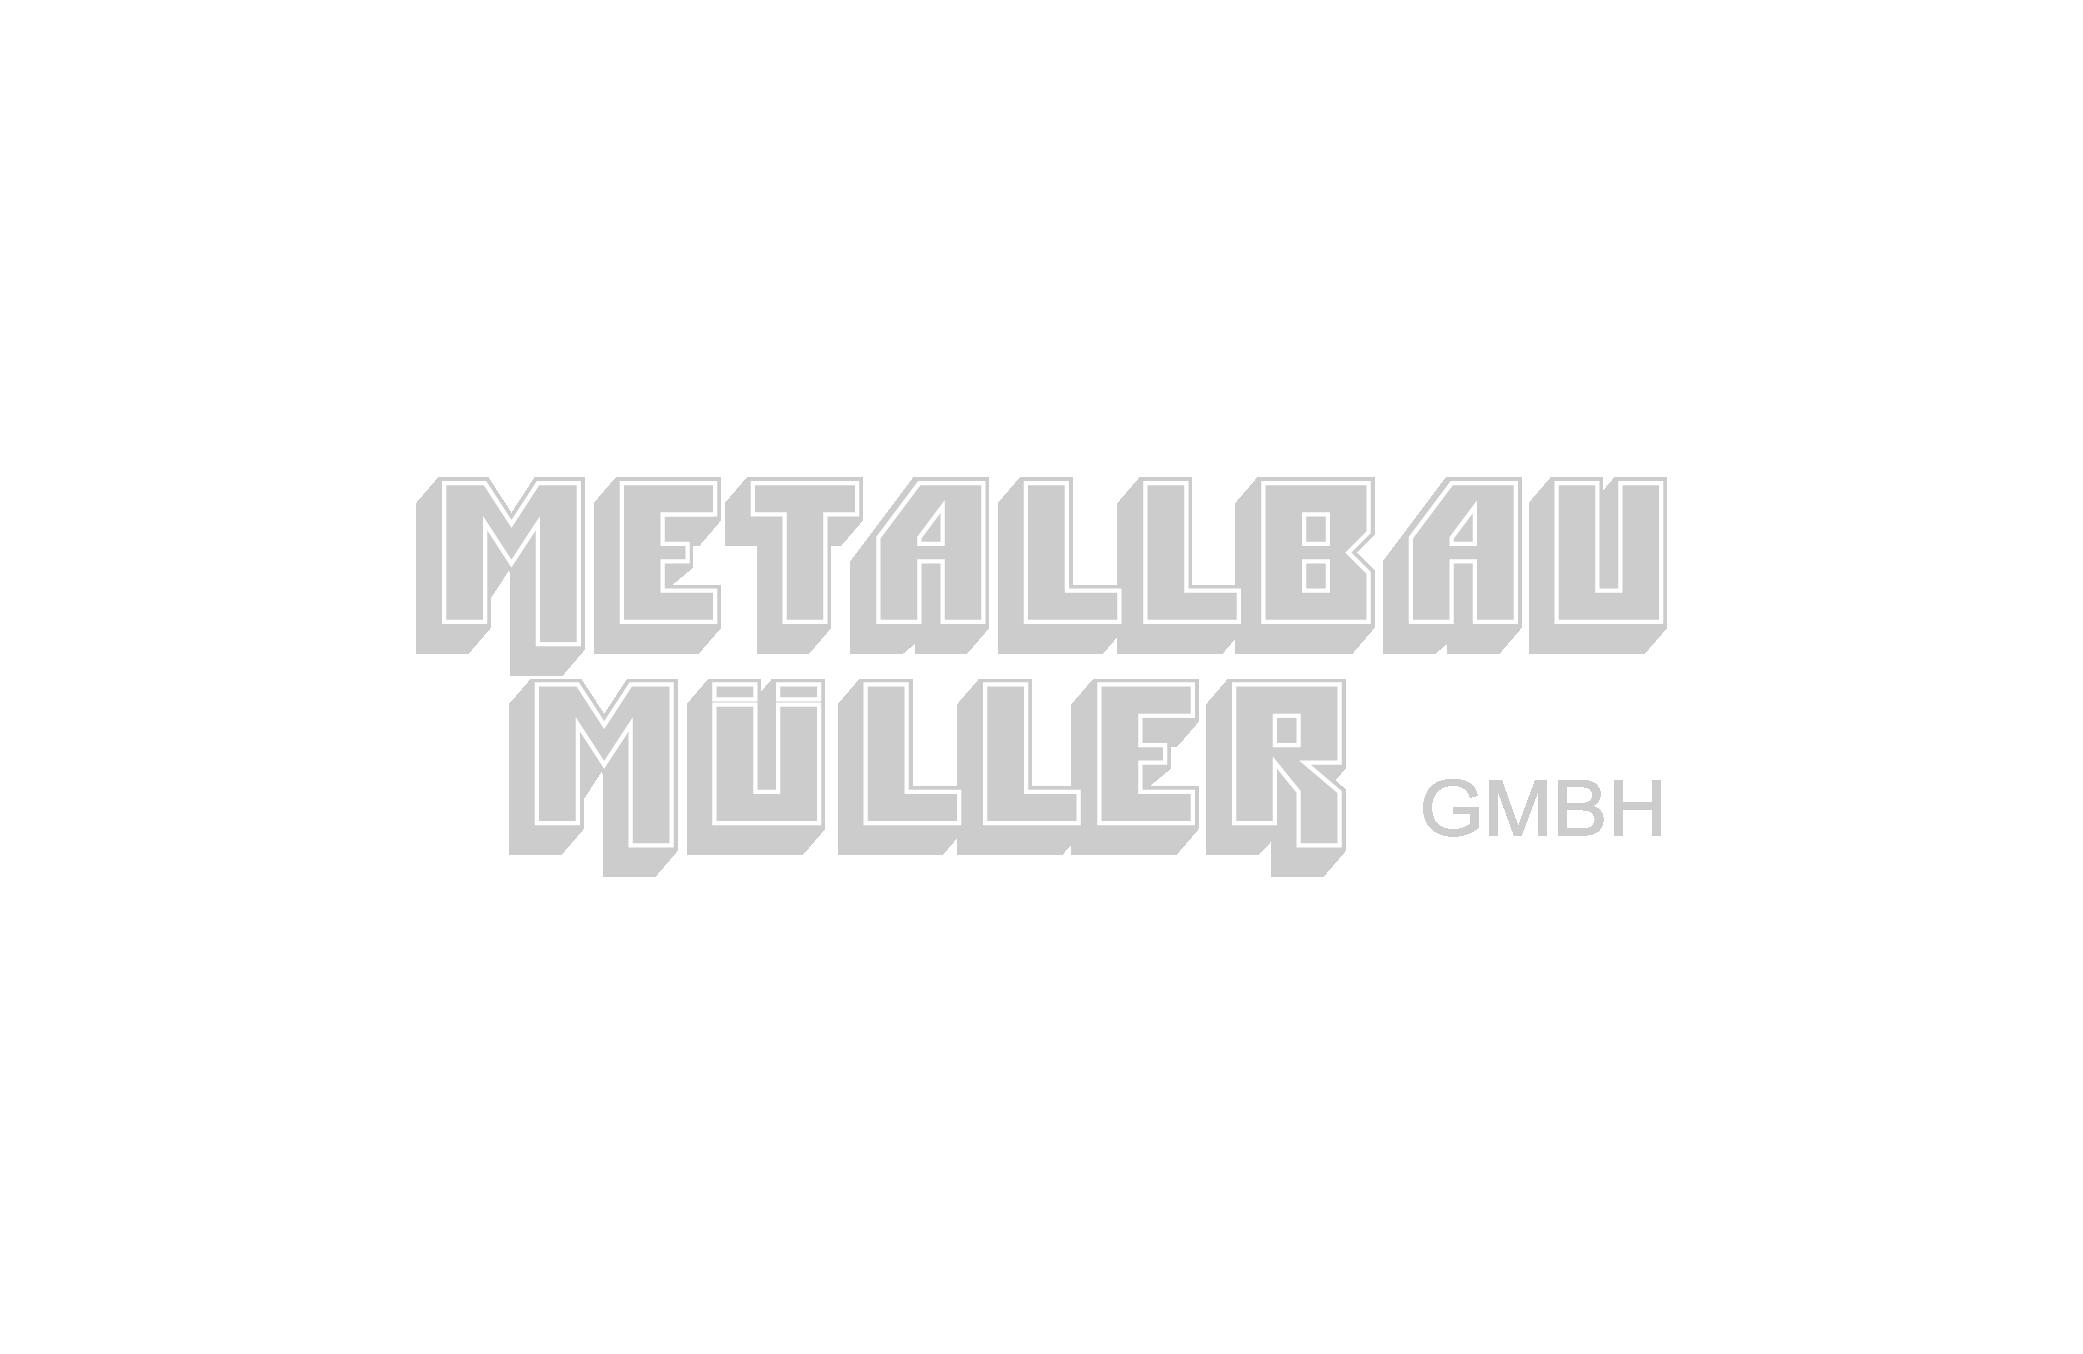 Metallbau Müller